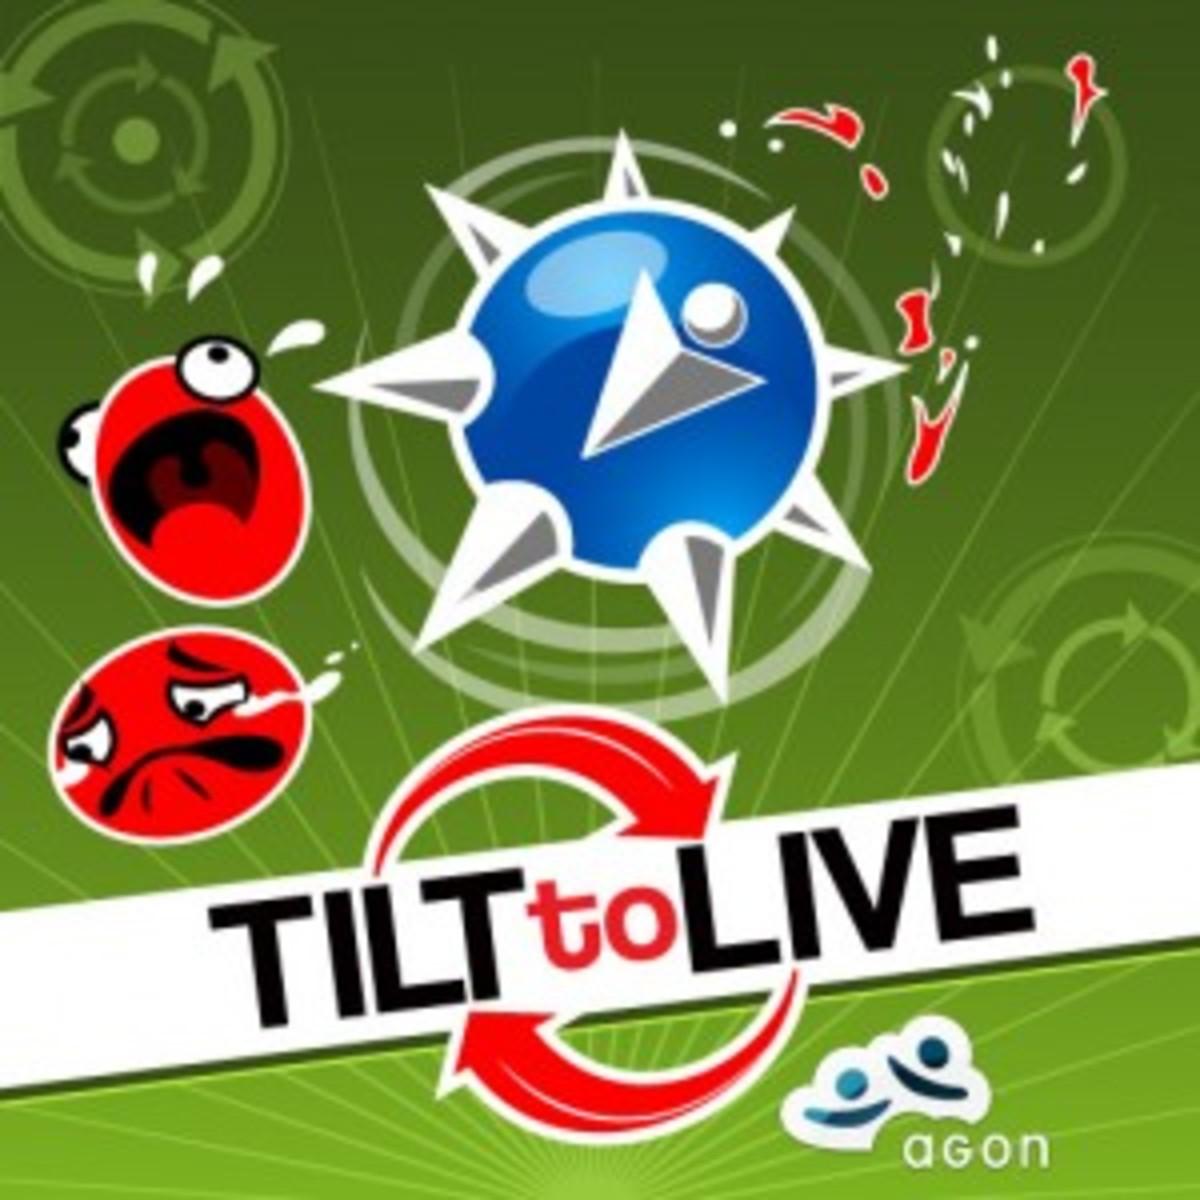 Tilt to Live